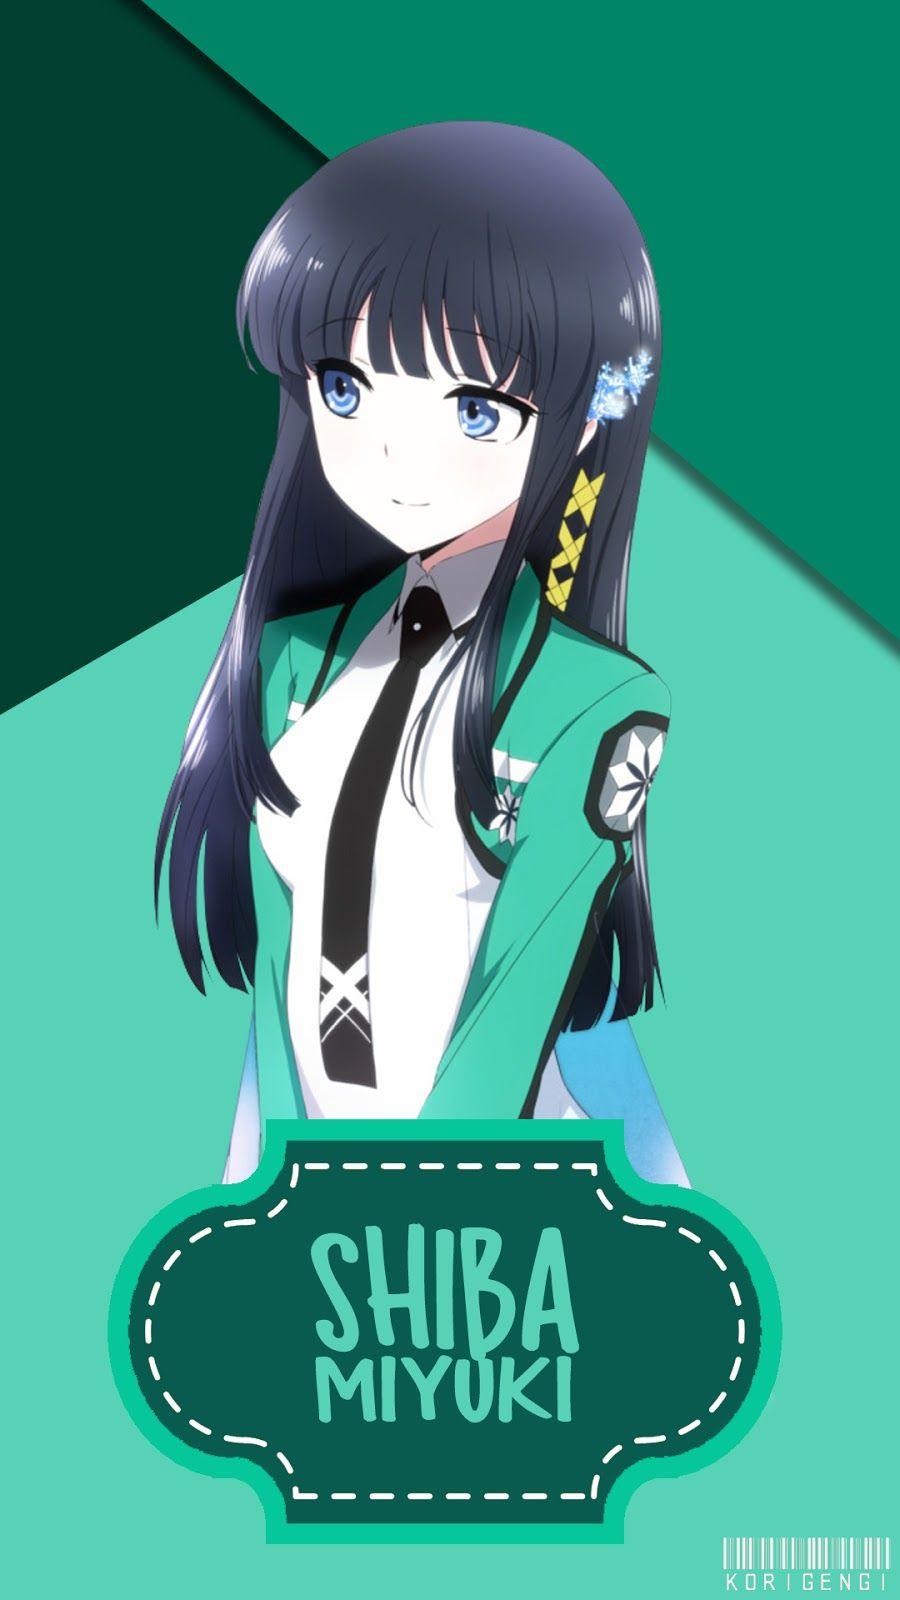 Shiba Miyuki V2 Gadis Anime Kawaii Karakter Animasi Manga Anime